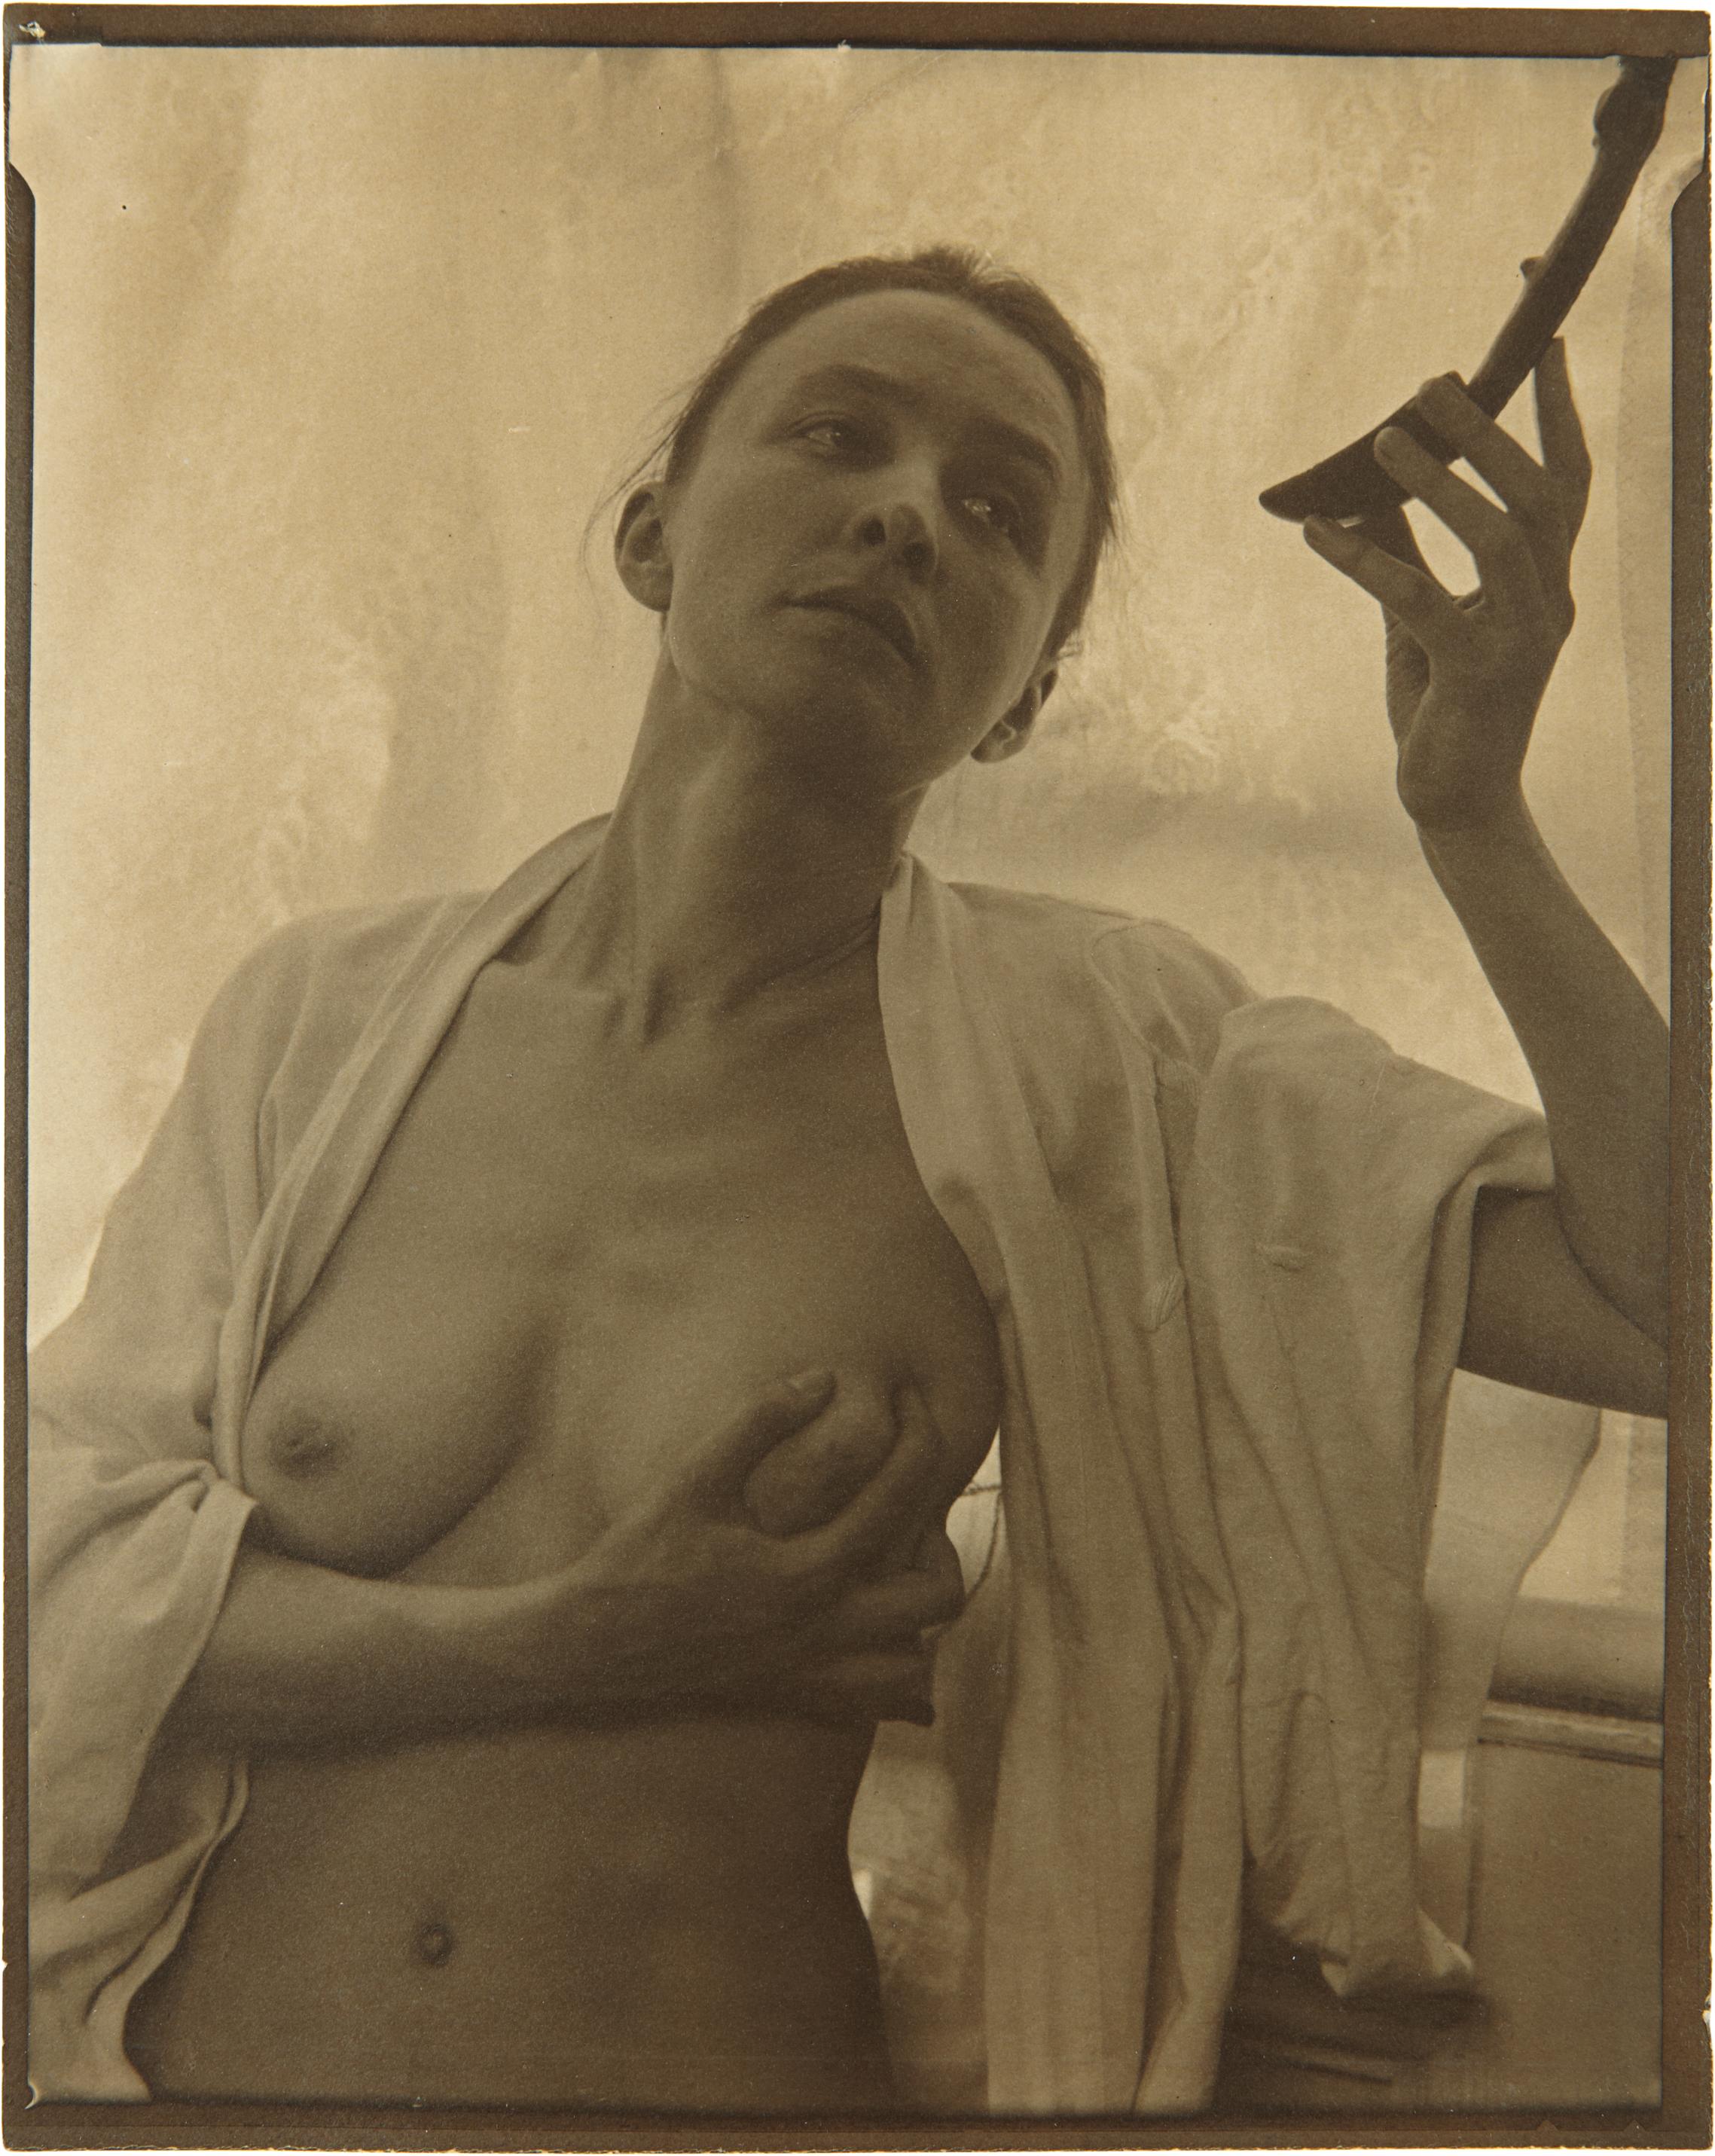 Nude photo georgia o'keeffe